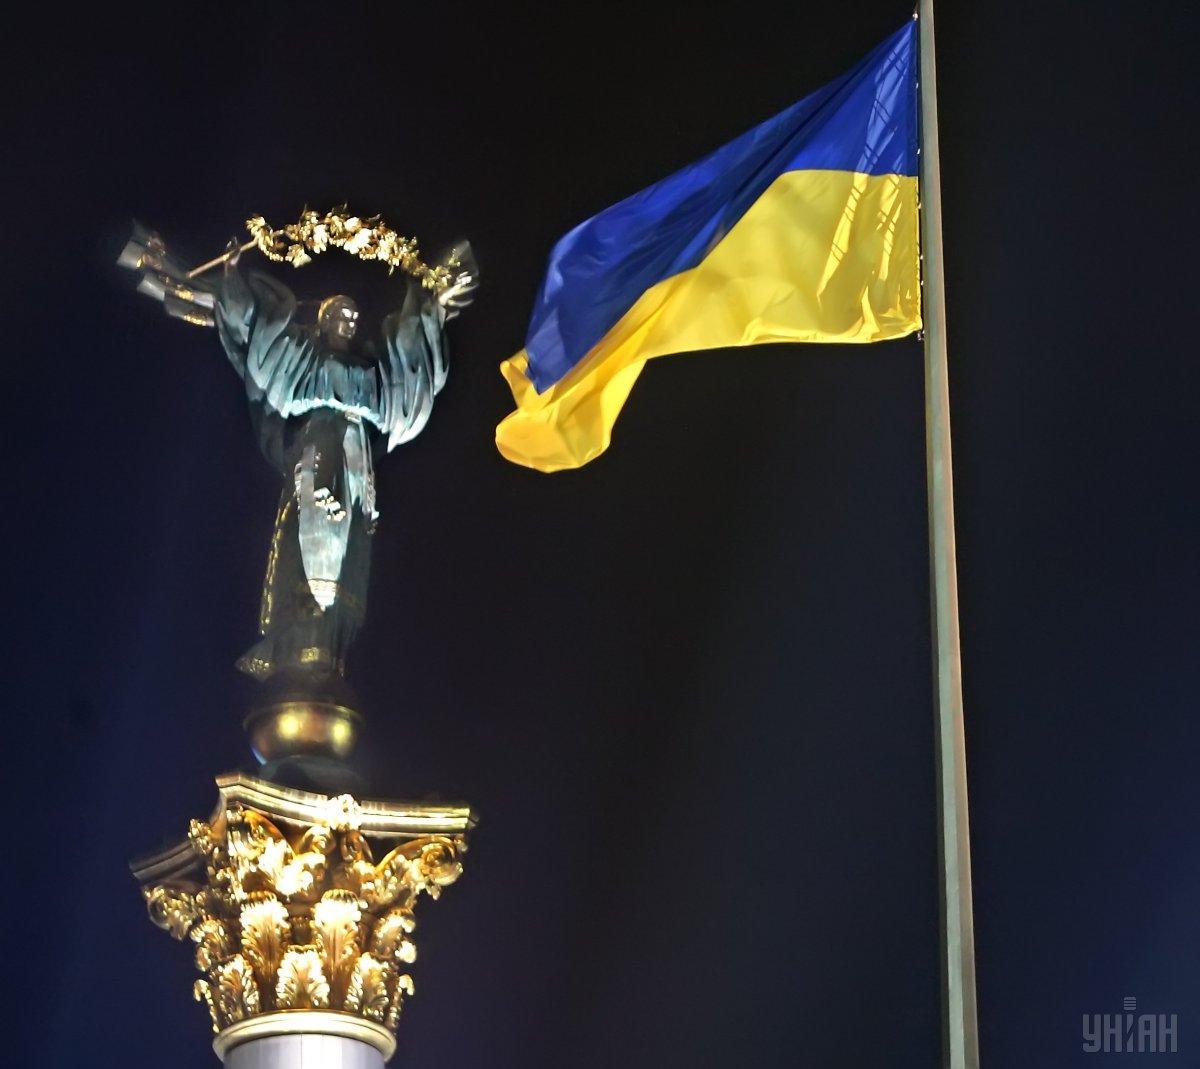 Менеджеру проектів у «Вікімедіа Україна» хотілось би, щоб українська Вікіпедія збільшила свою популярність у порівнянні з російською / фото УНІАН